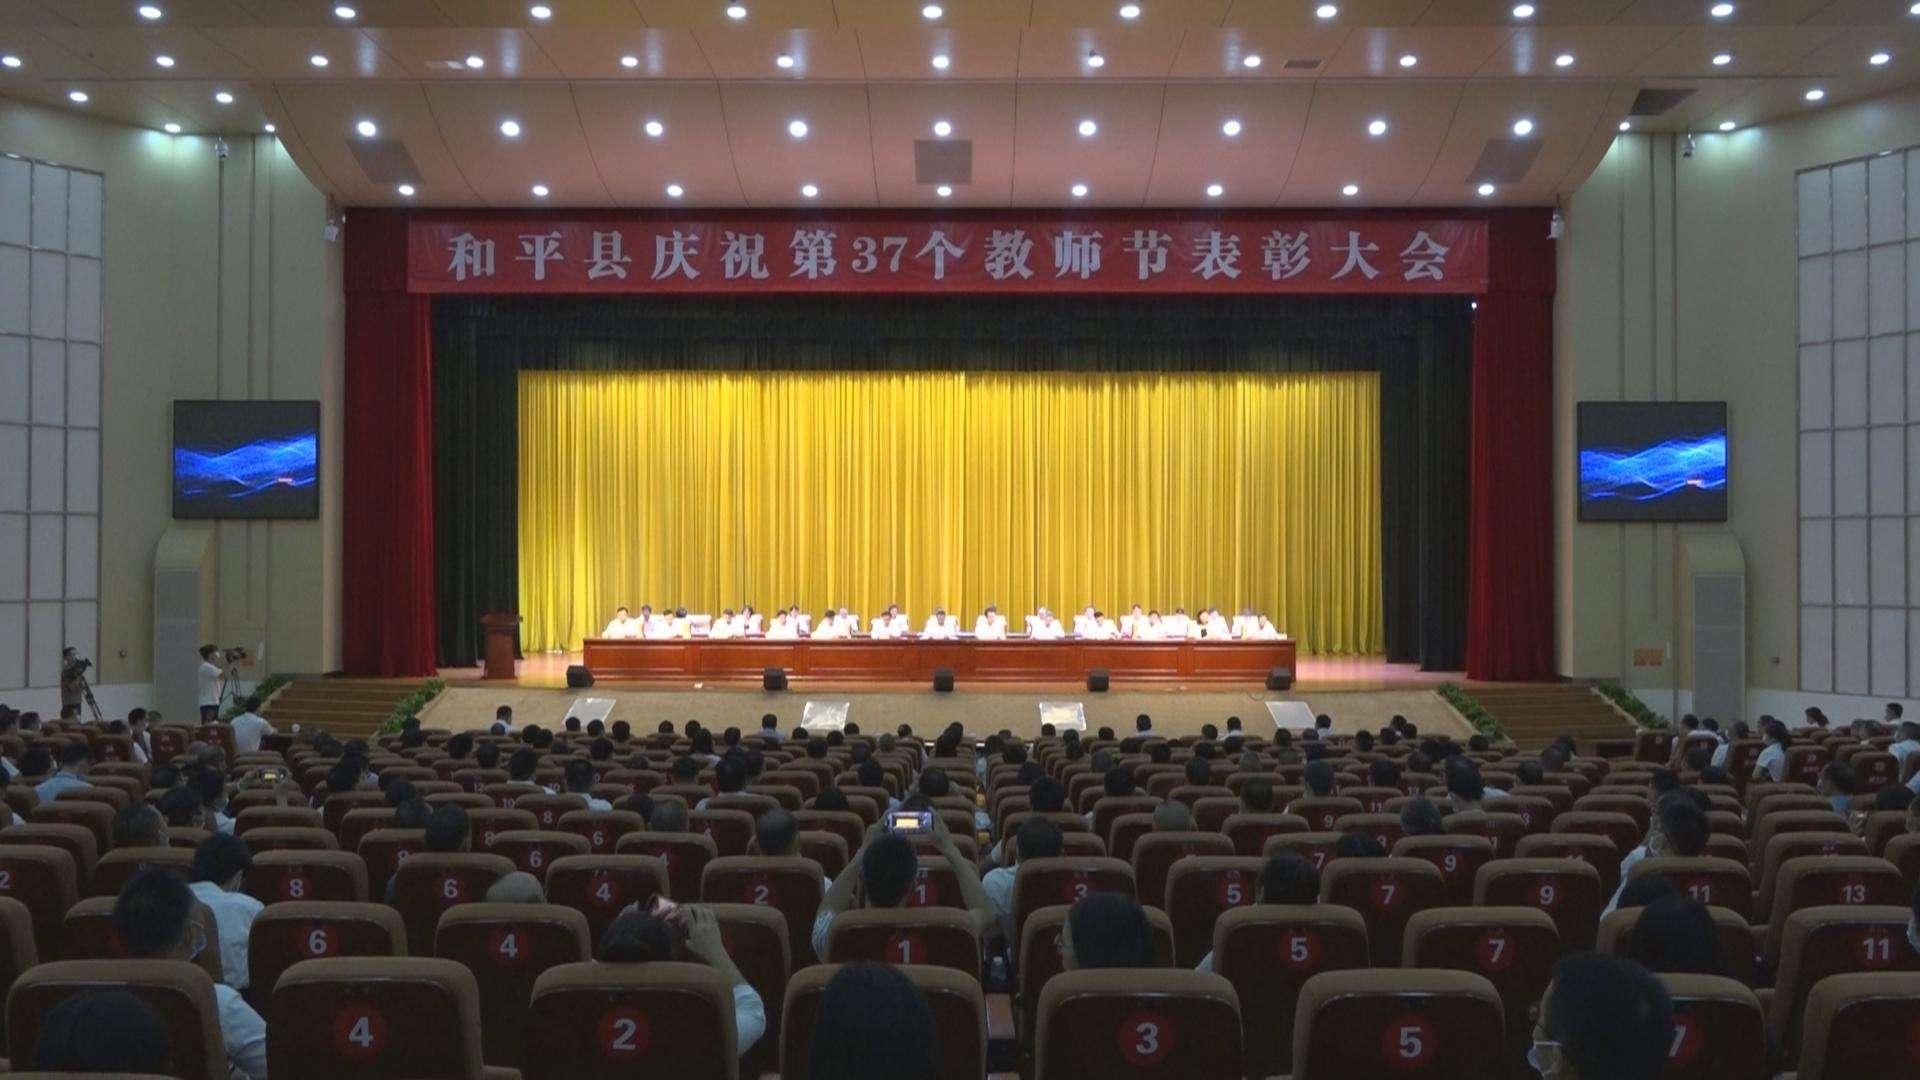 和平县庆祝第37个教师节表彰大会召开